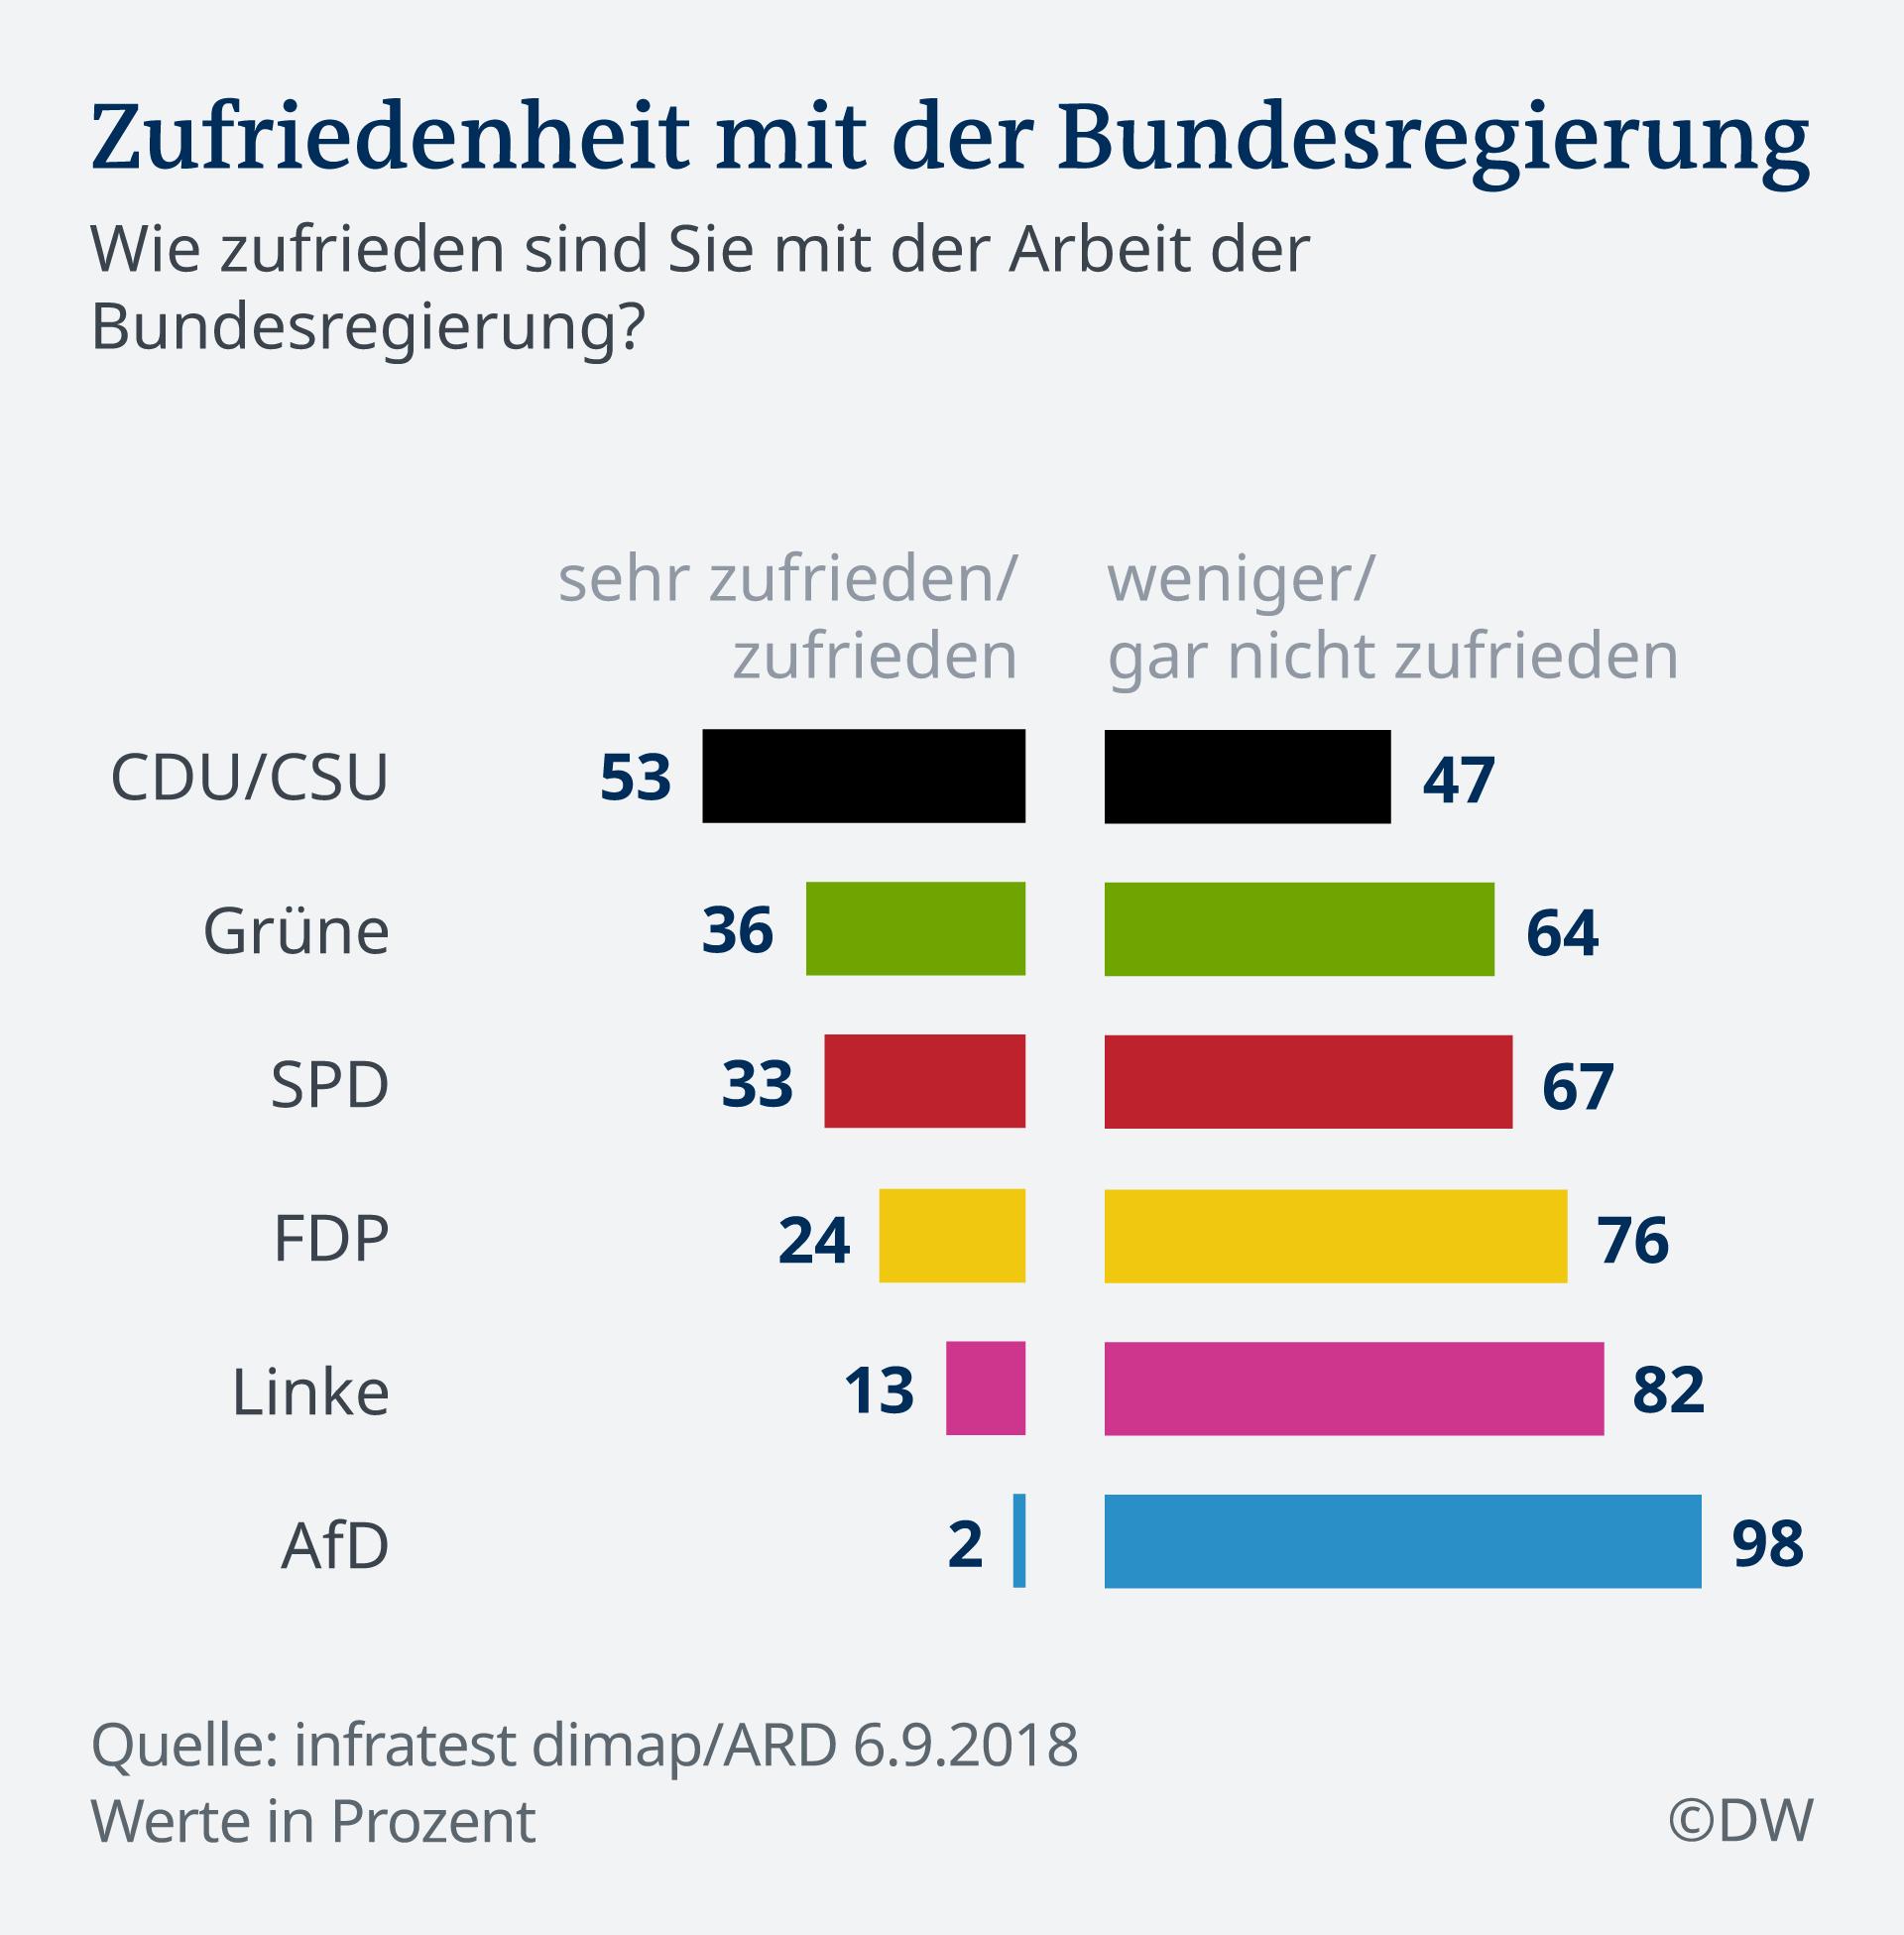 Infografik Deutschlandtrend Zufriedenheit mit Bundesregierung DE